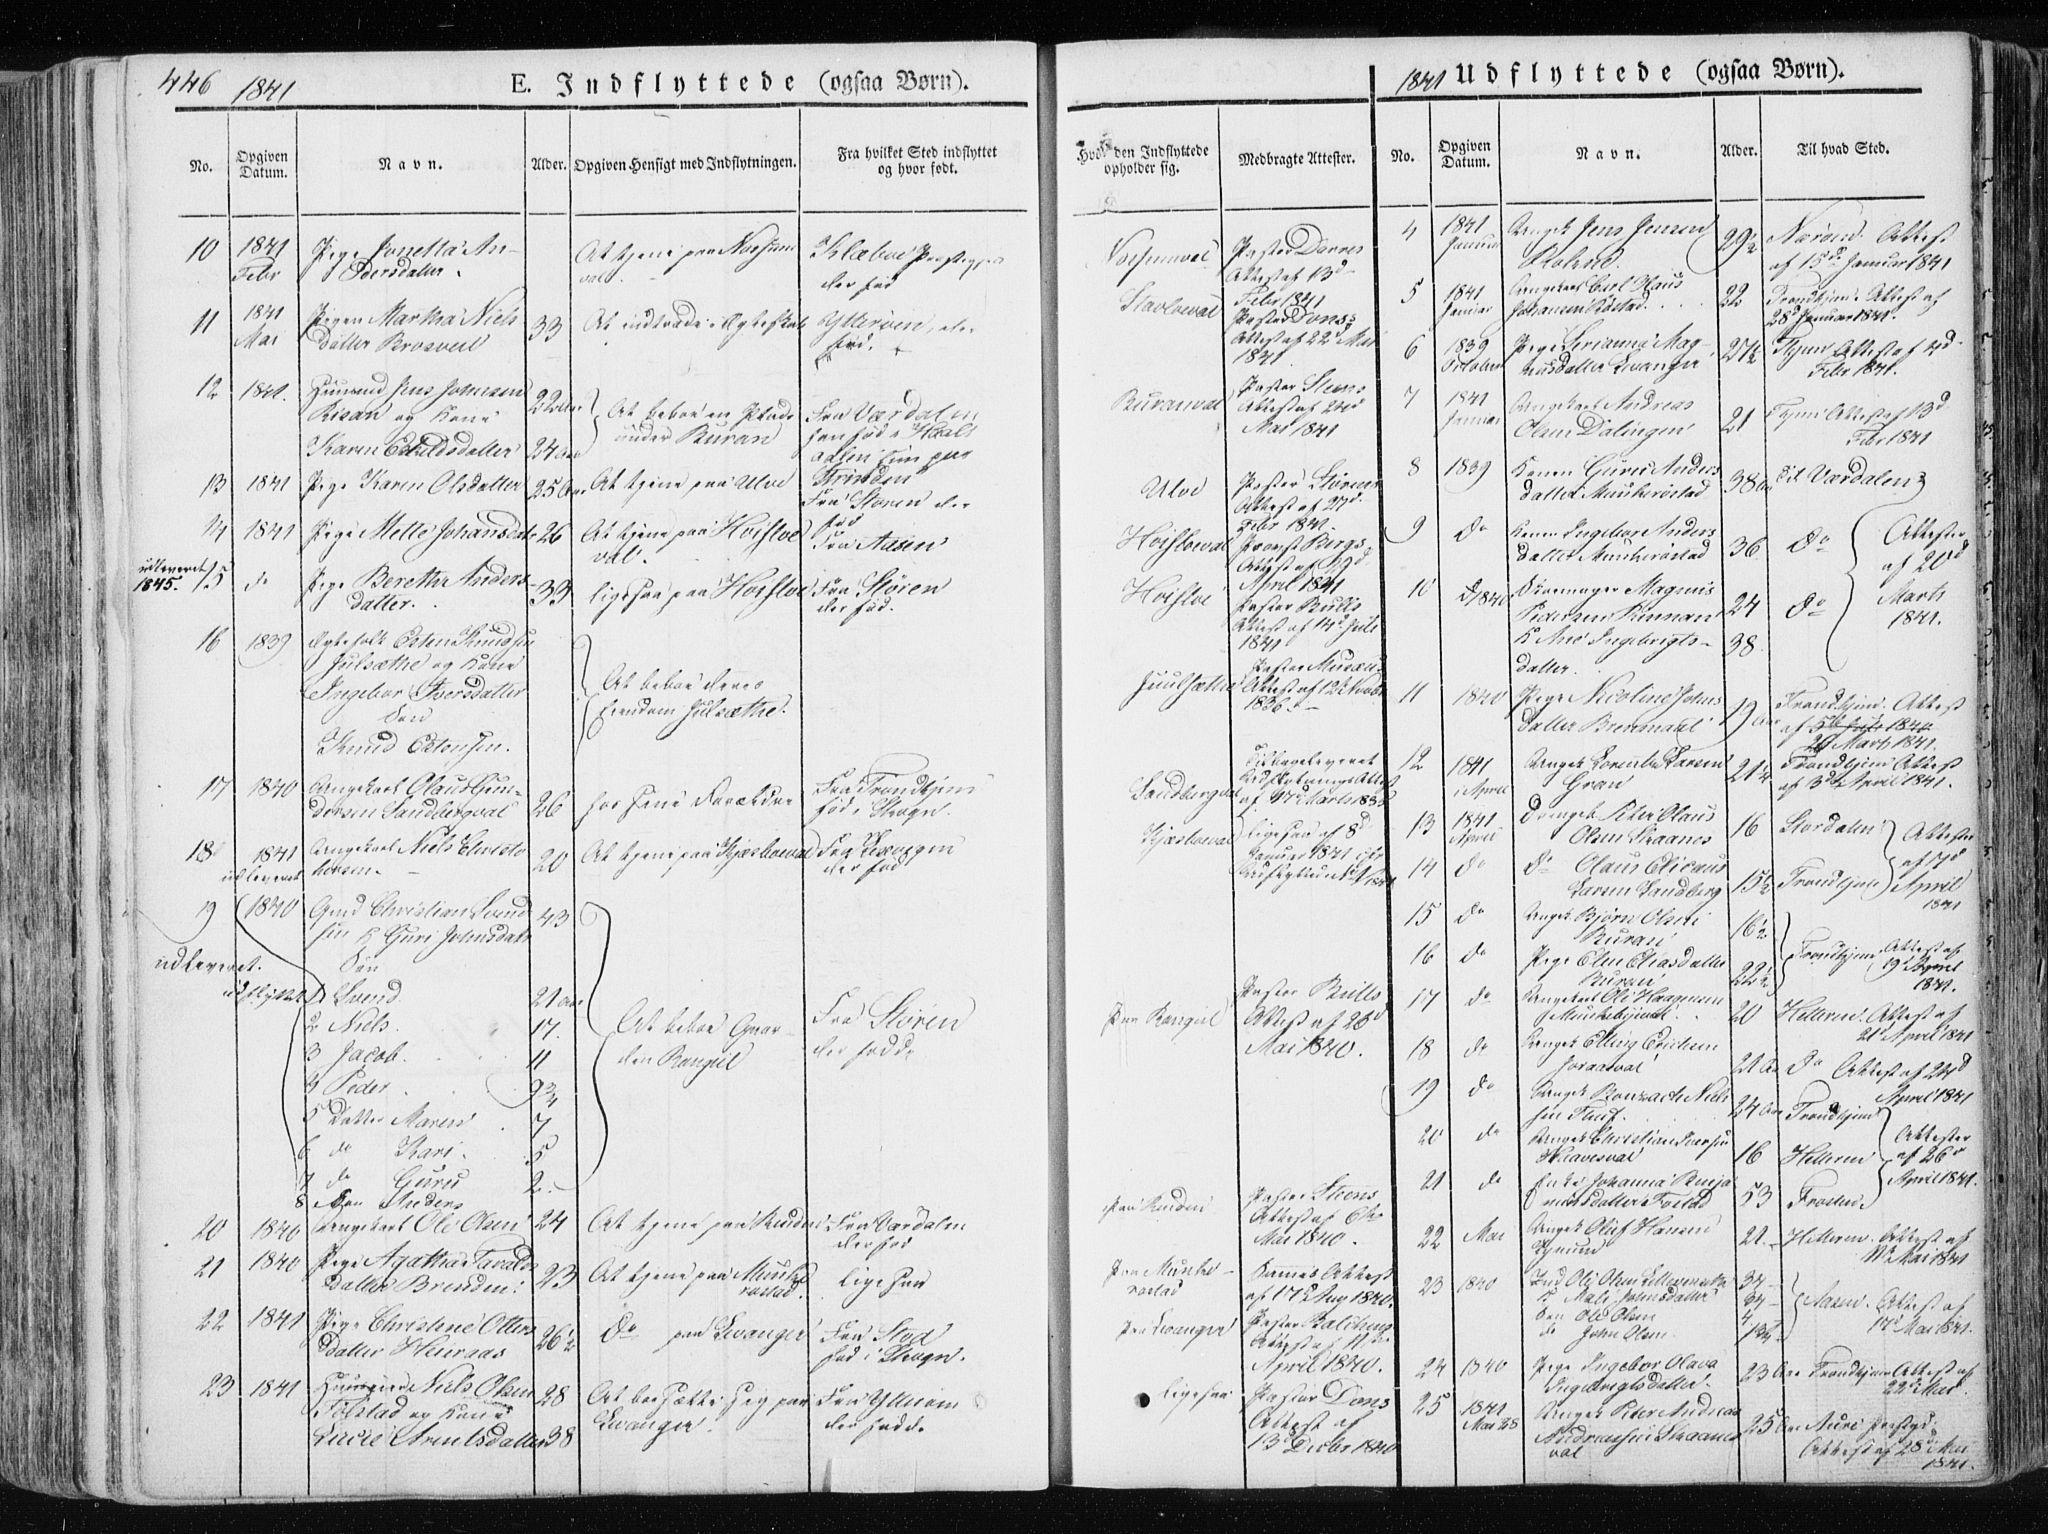 SAT, Ministerialprotokoller, klokkerbøker og fødselsregistre - Nord-Trøndelag, 717/L0154: Ministerialbok nr. 717A06 /1, 1836-1849, s. 446